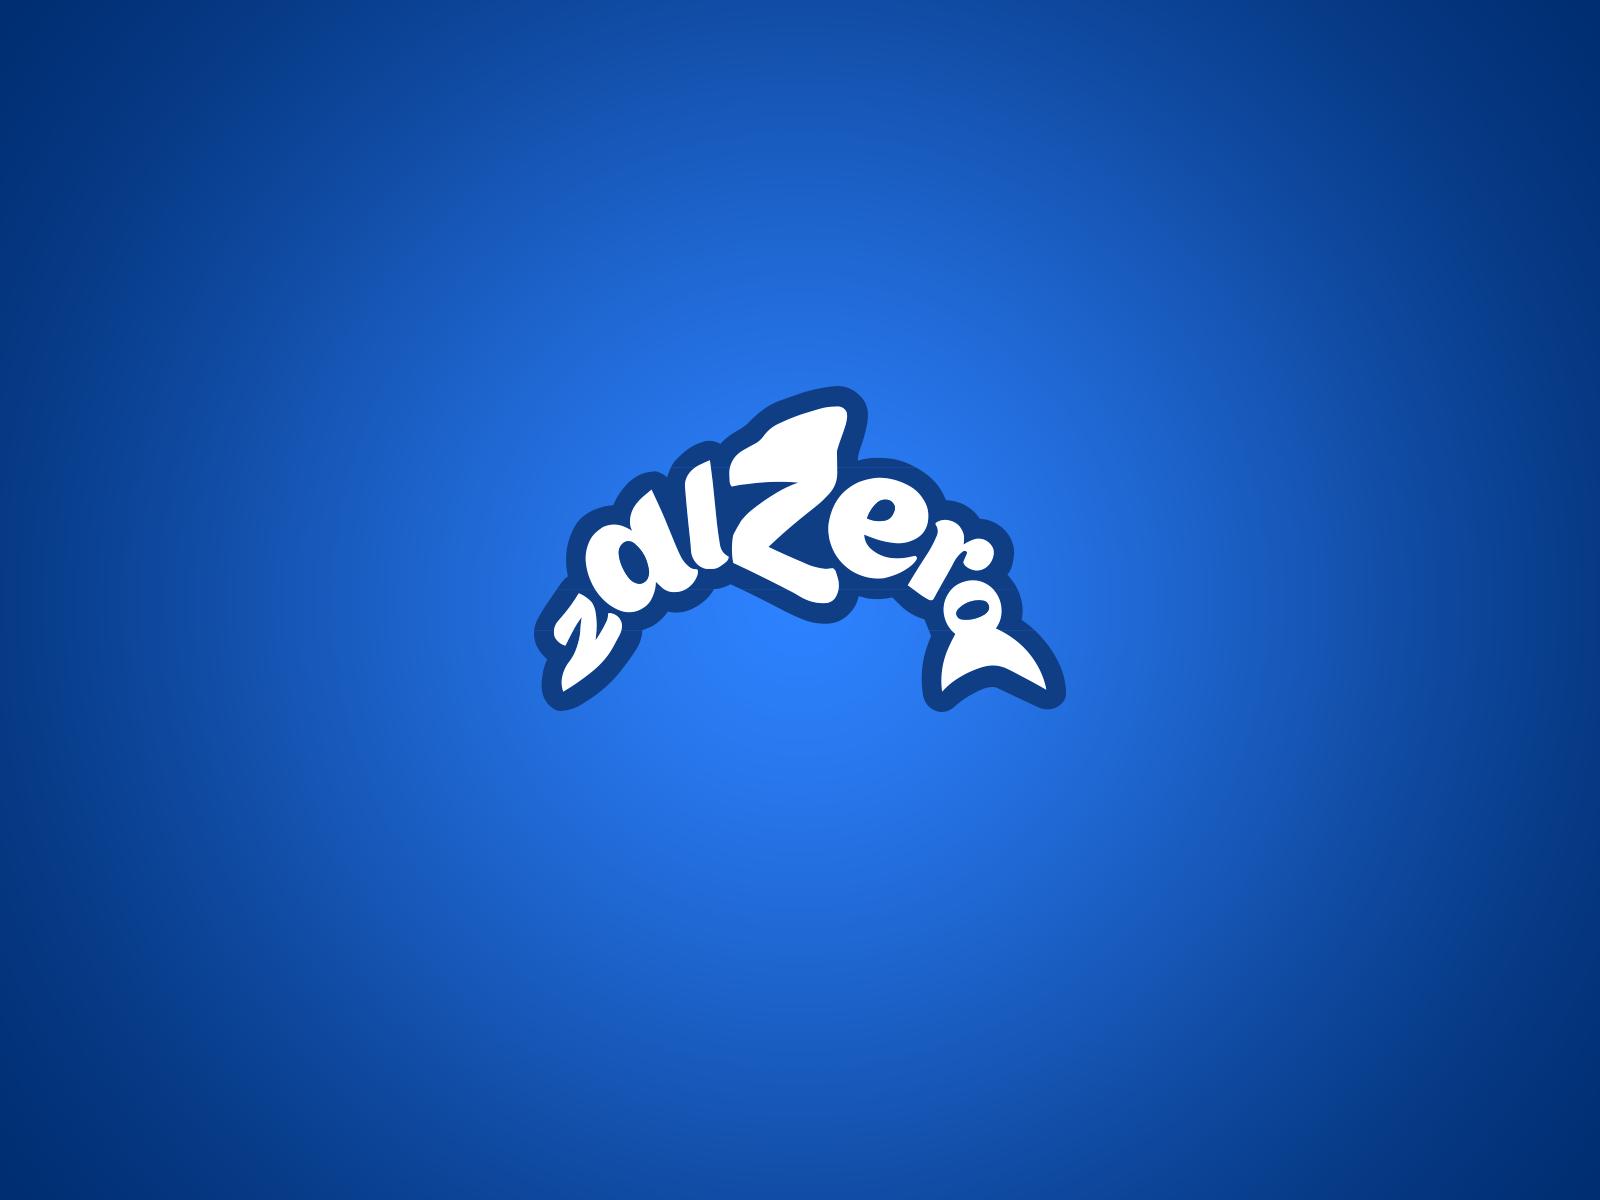 Zalzero Logotype / concept